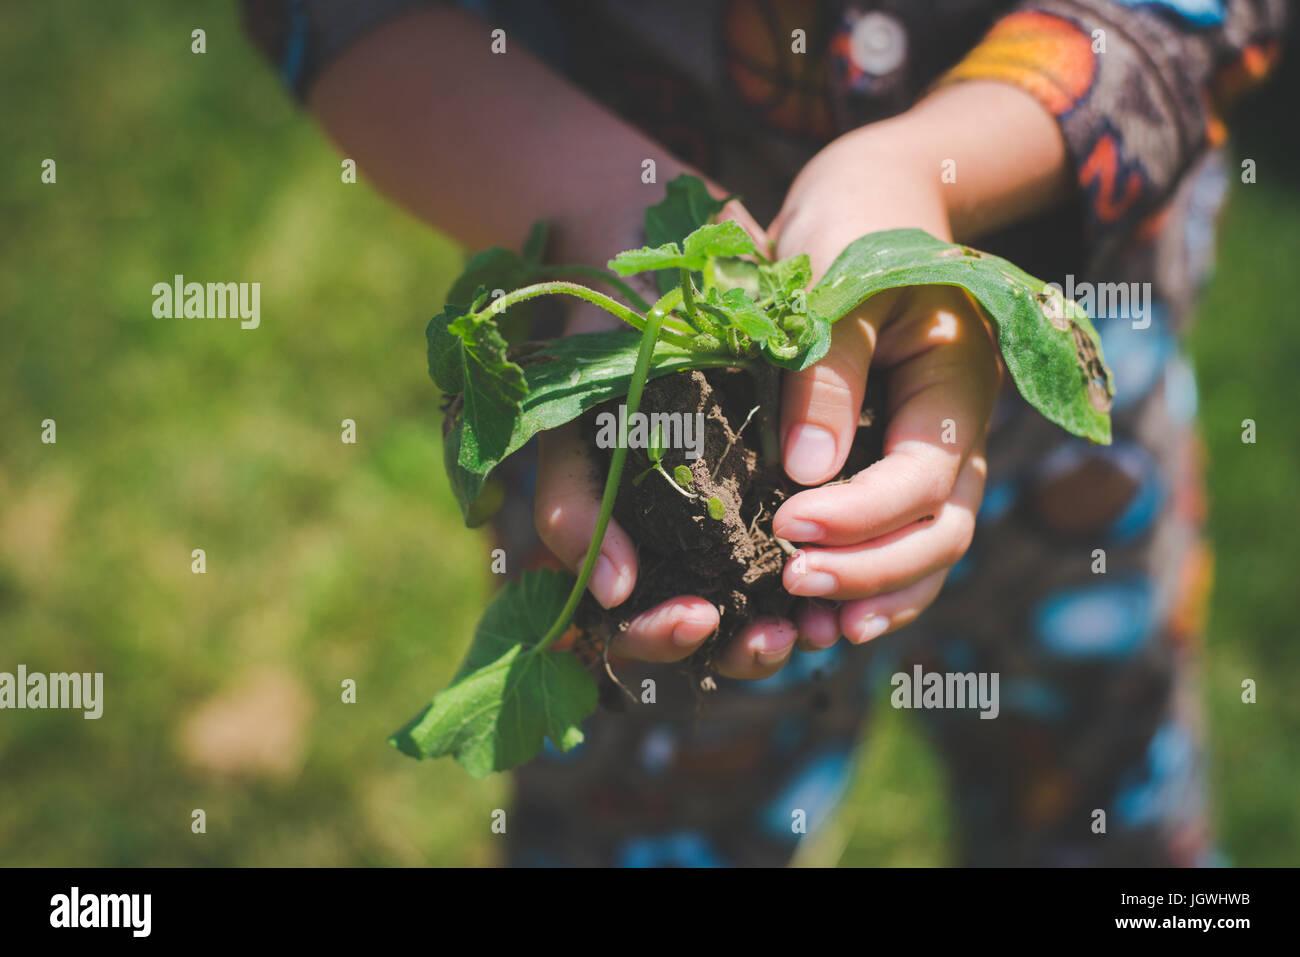 Las manos del niño mantenga una planta con suelo bajo ella. Imagen De Stock